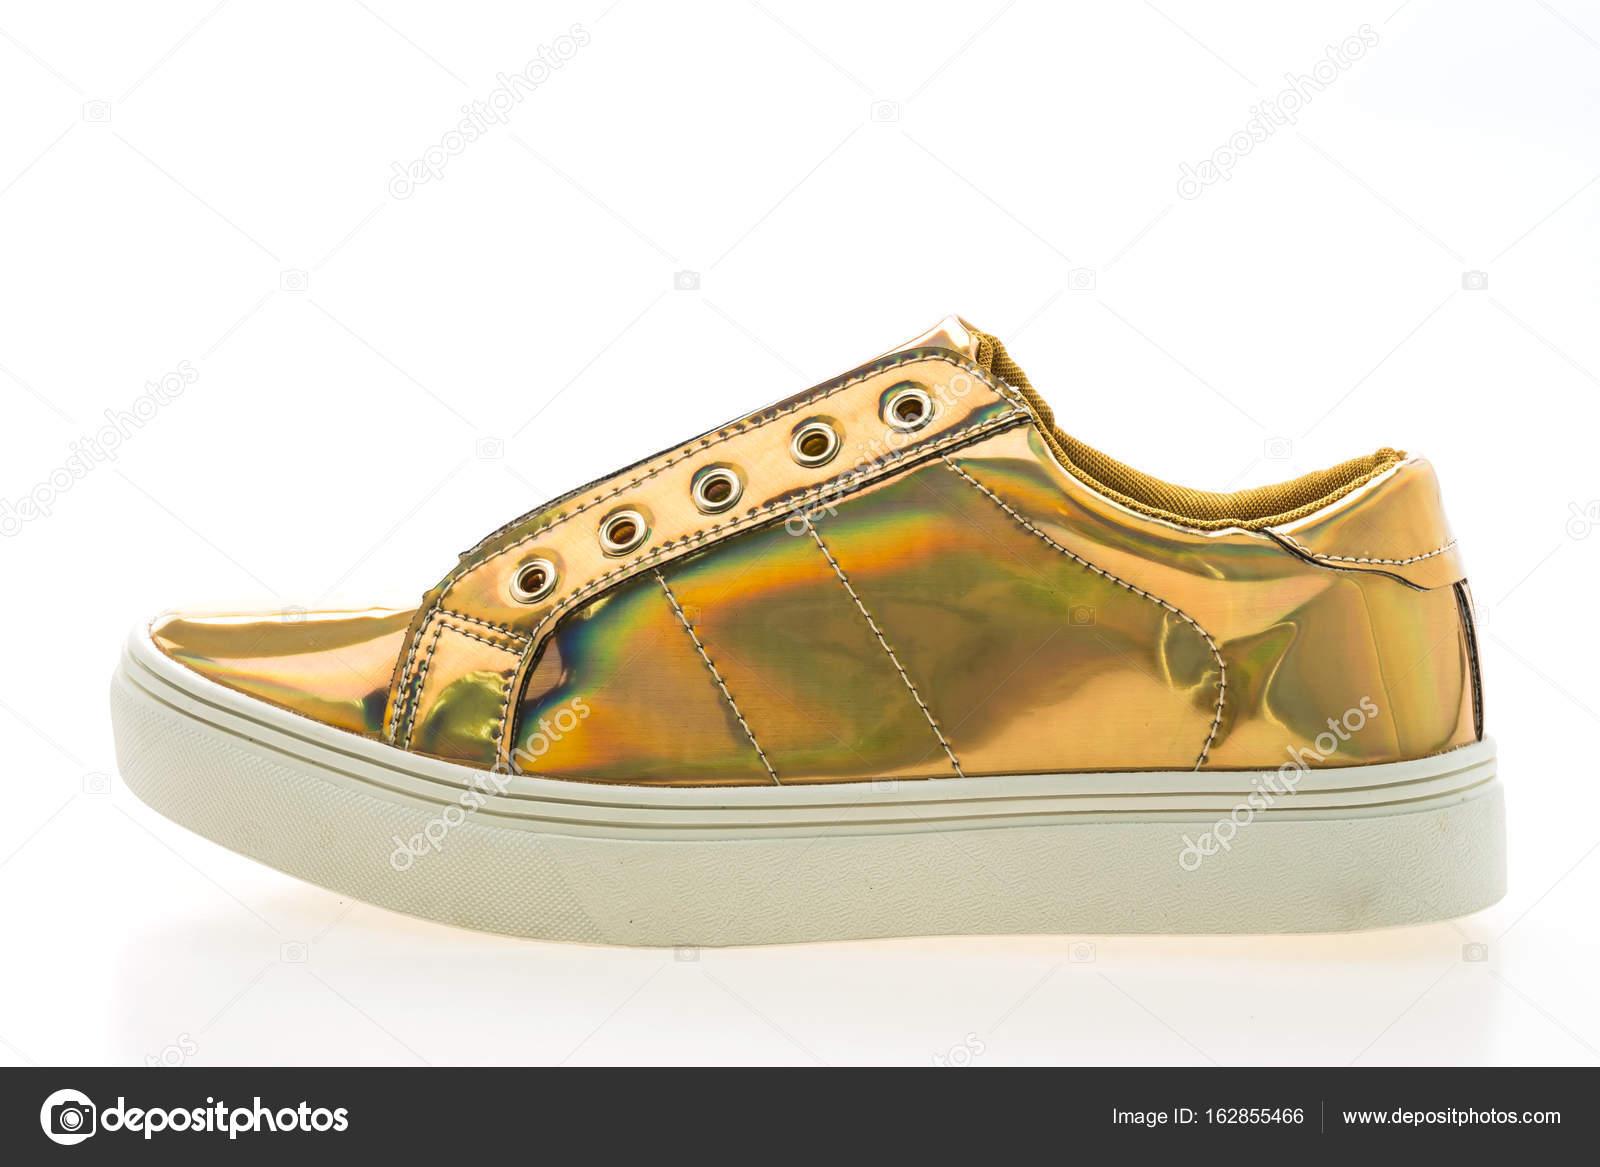 6130ca8d69d Παπούτσια μόδας και ύπουλος — Φωτογραφία Αρχείου © mrsiraphol #162855466